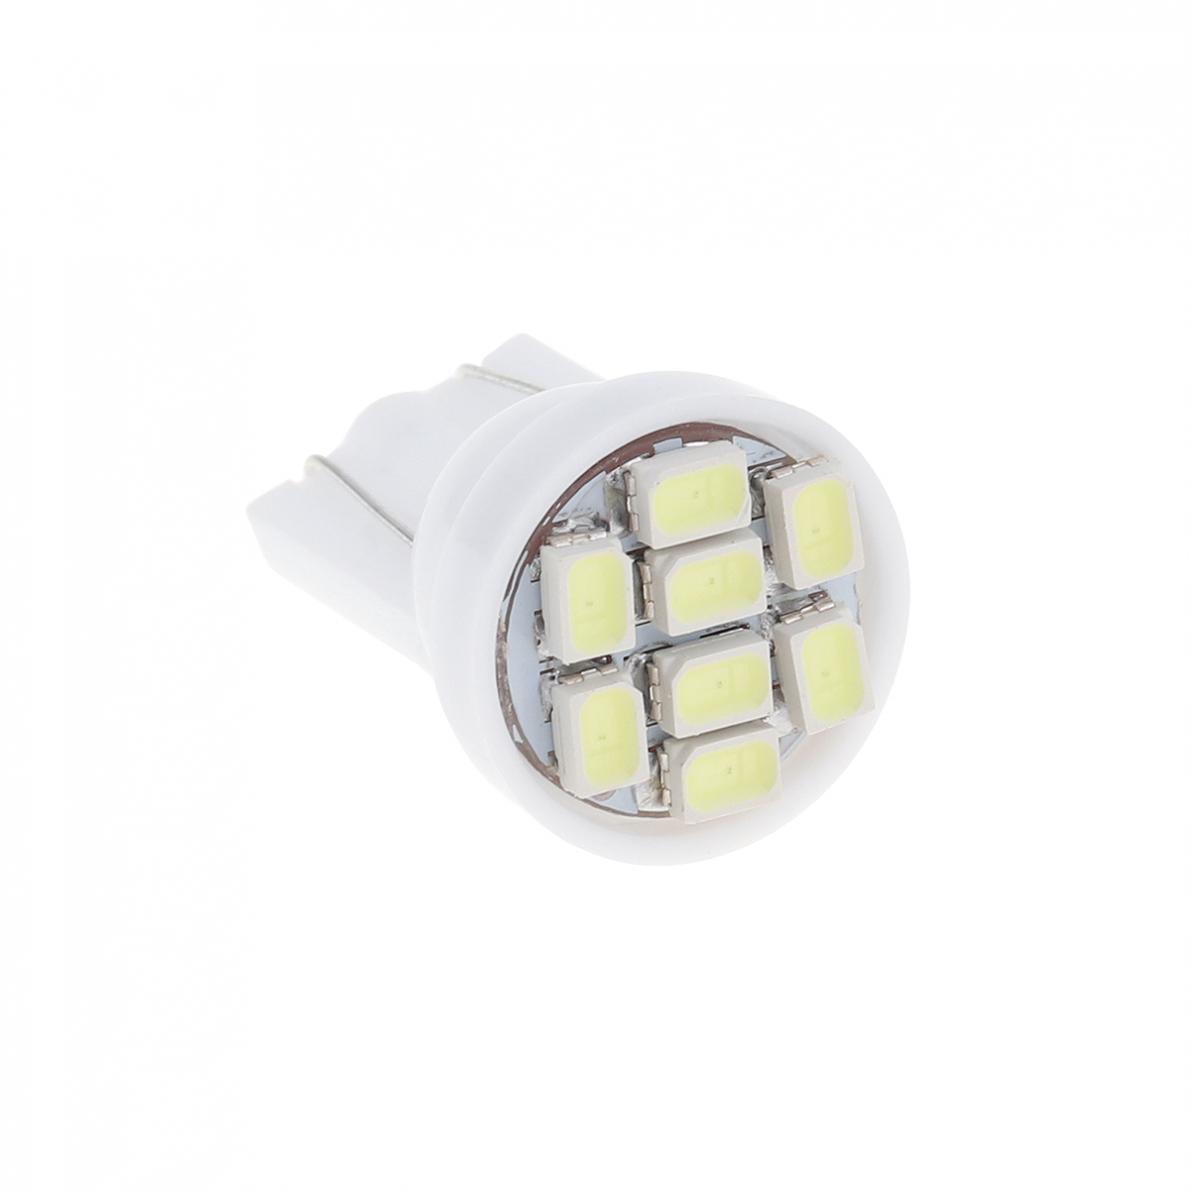 20 12V W5W T10 194 168 2825 501 192 158 White LED Side Car Wedge Light Lamp Bulb 8